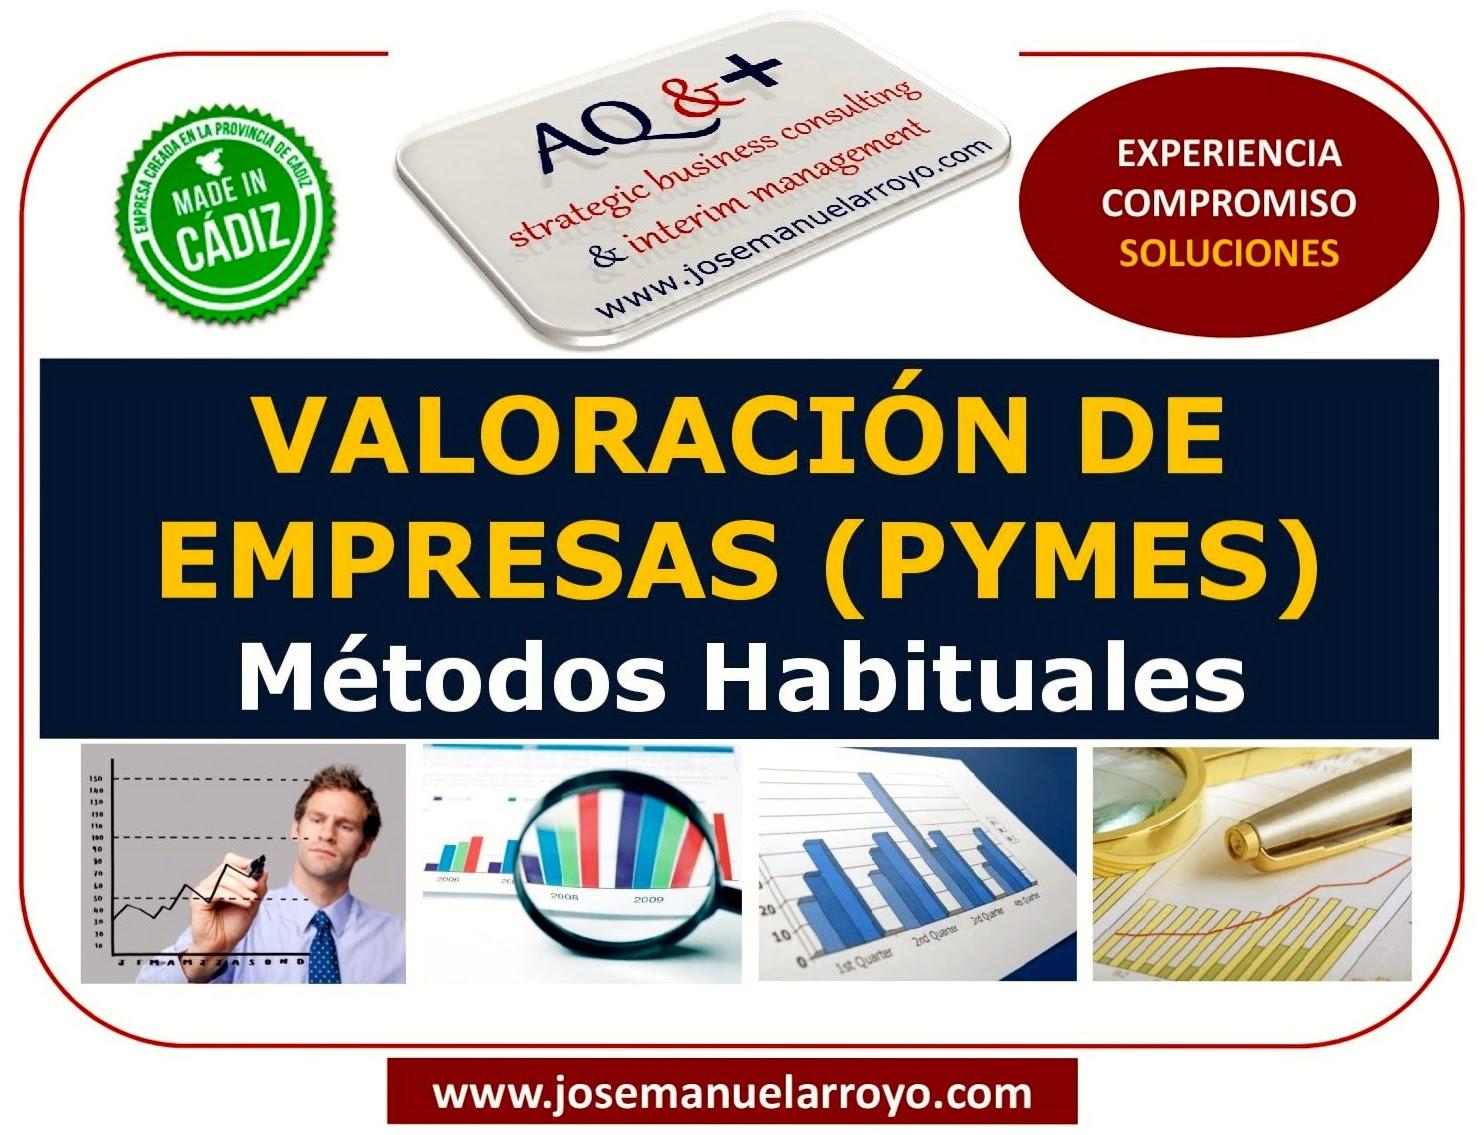 VALORACIÓN DE PYMES